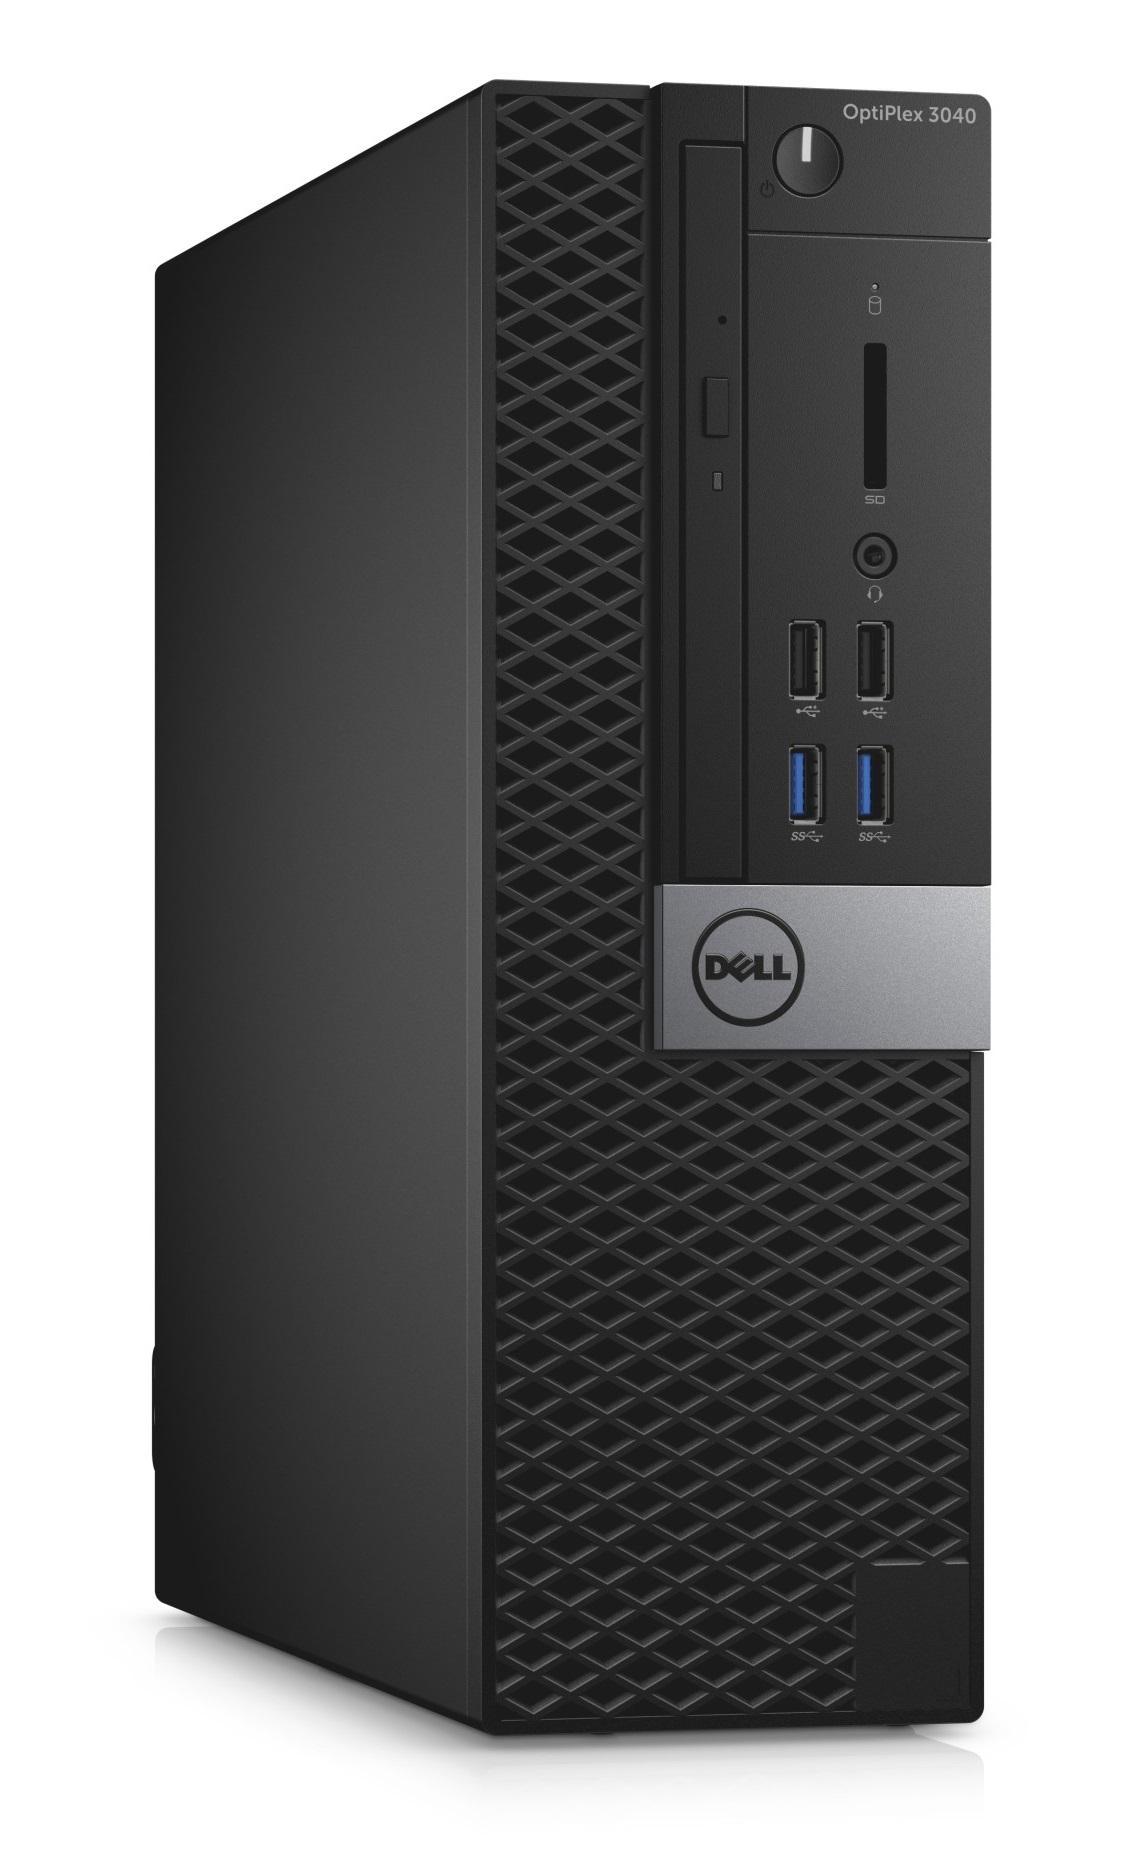 DELL OptiPlex SFF 3040 Core i3-6100/4GB/500GB/Intel HD/Win 10 PRO 64bit/3Yr NBD